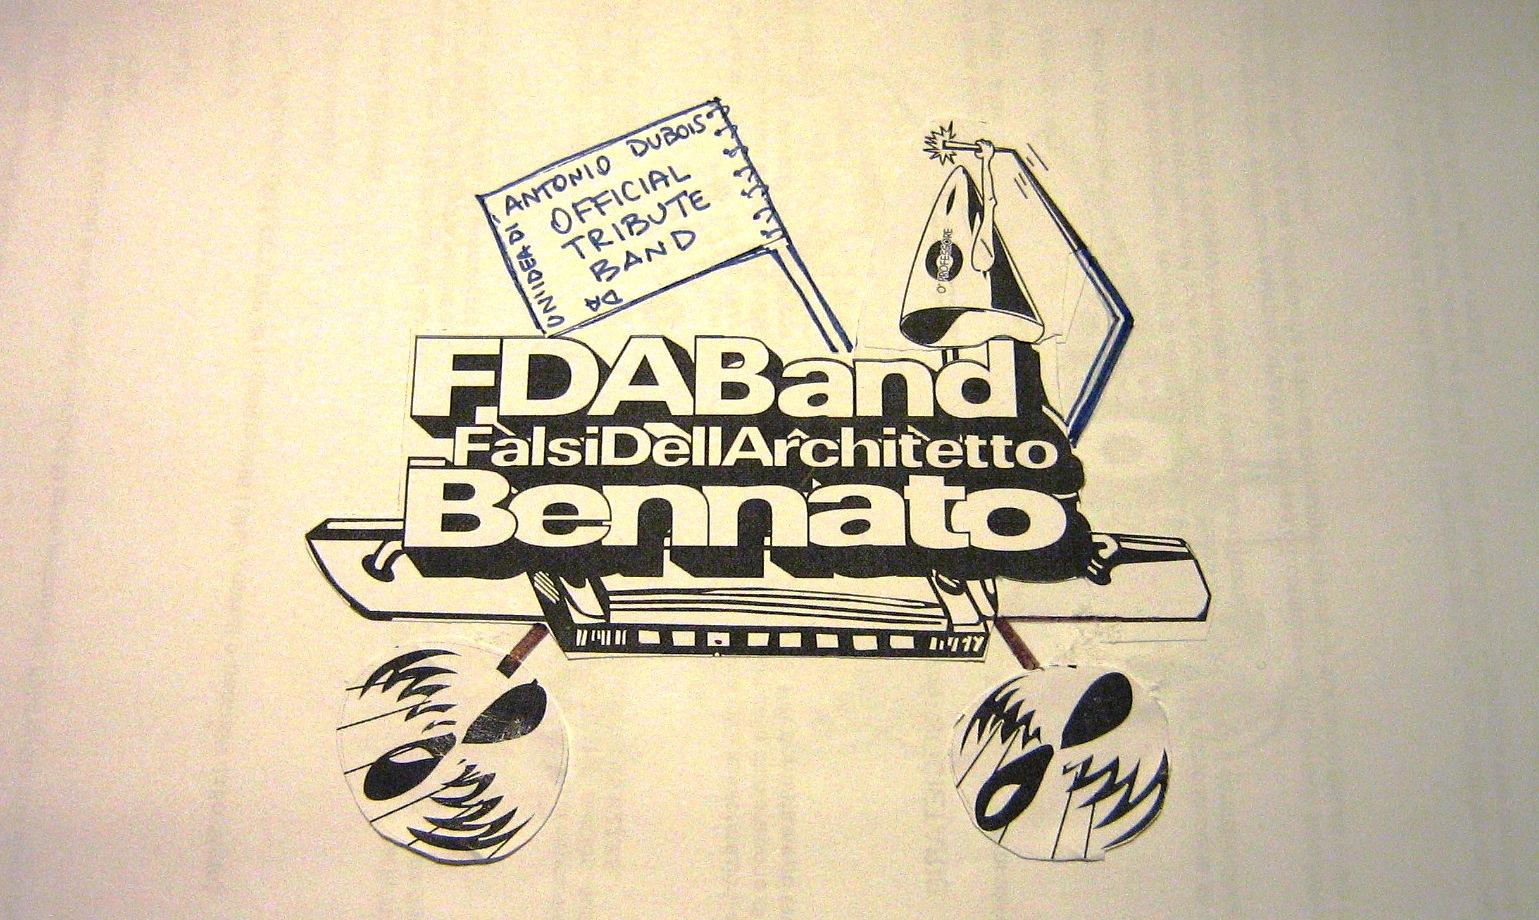 18 OTTOBRE 2009 - TERRY PER FDAB STUDIO PER LOGO - 6